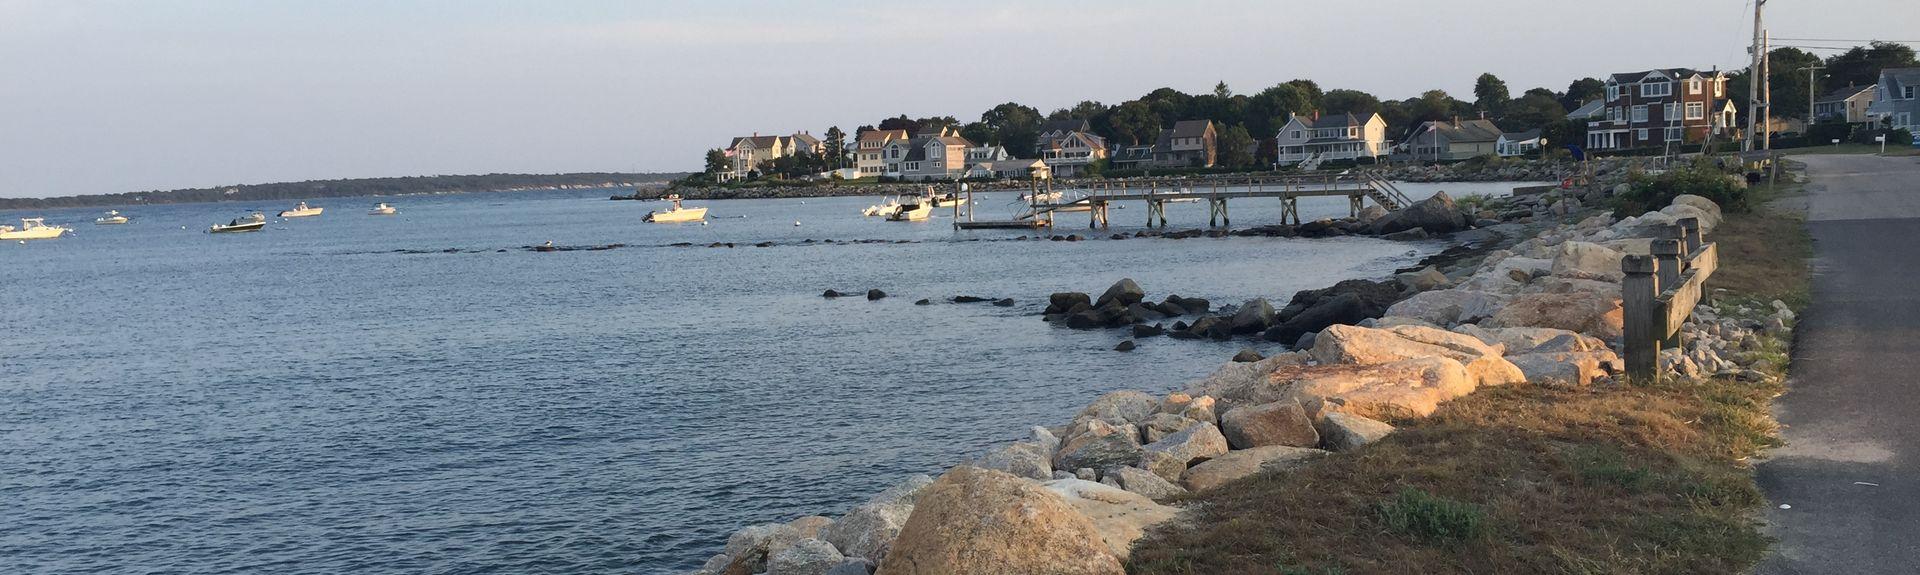 Roger W. Wheeler State Beach, Narragansett, Rhode Island, États-Unis